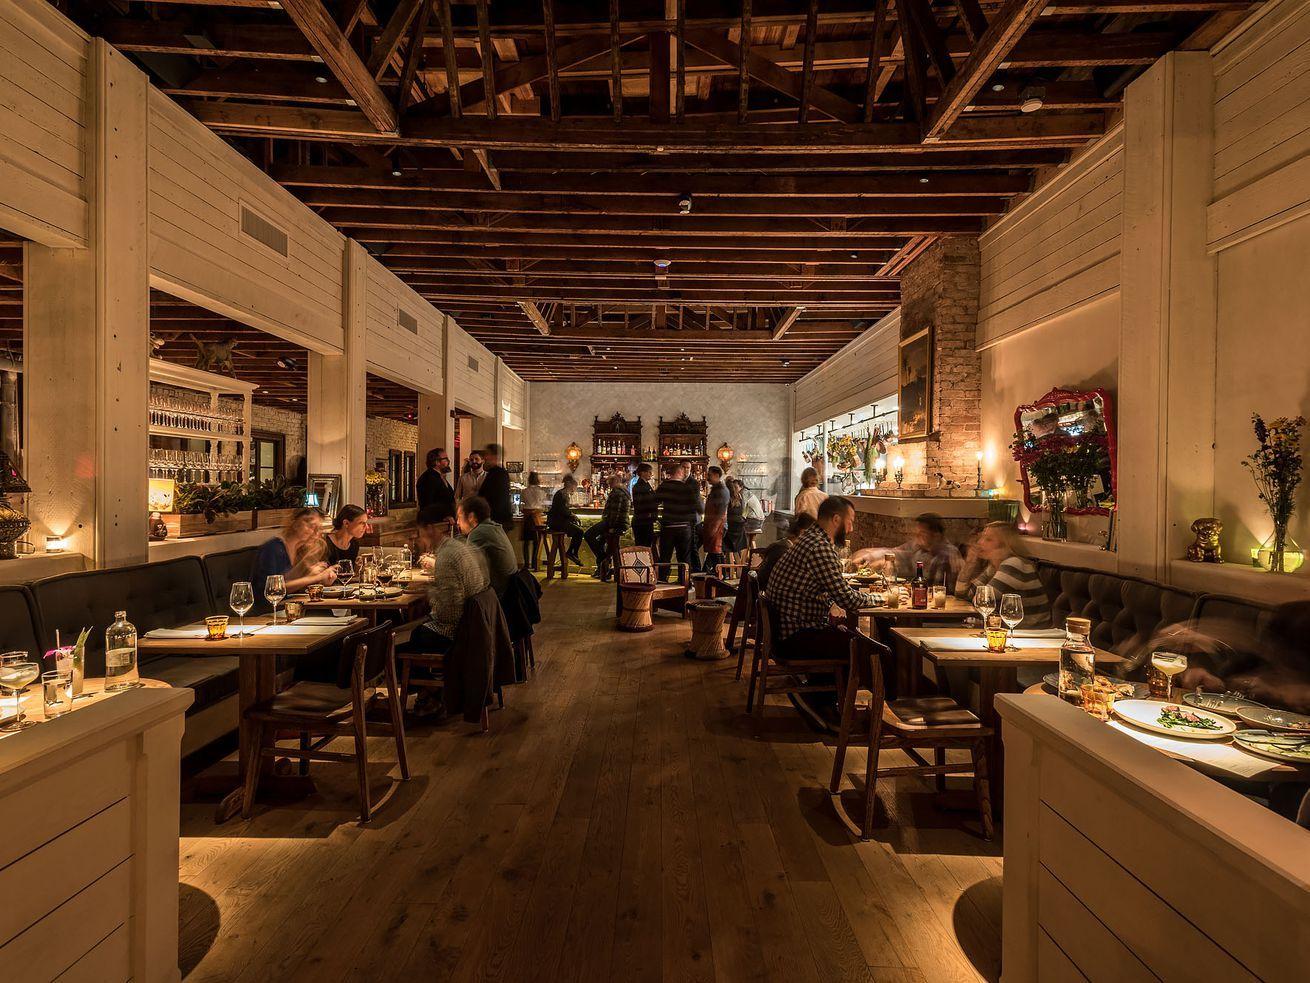 LA's large restaurant dining rooms face unique challenges